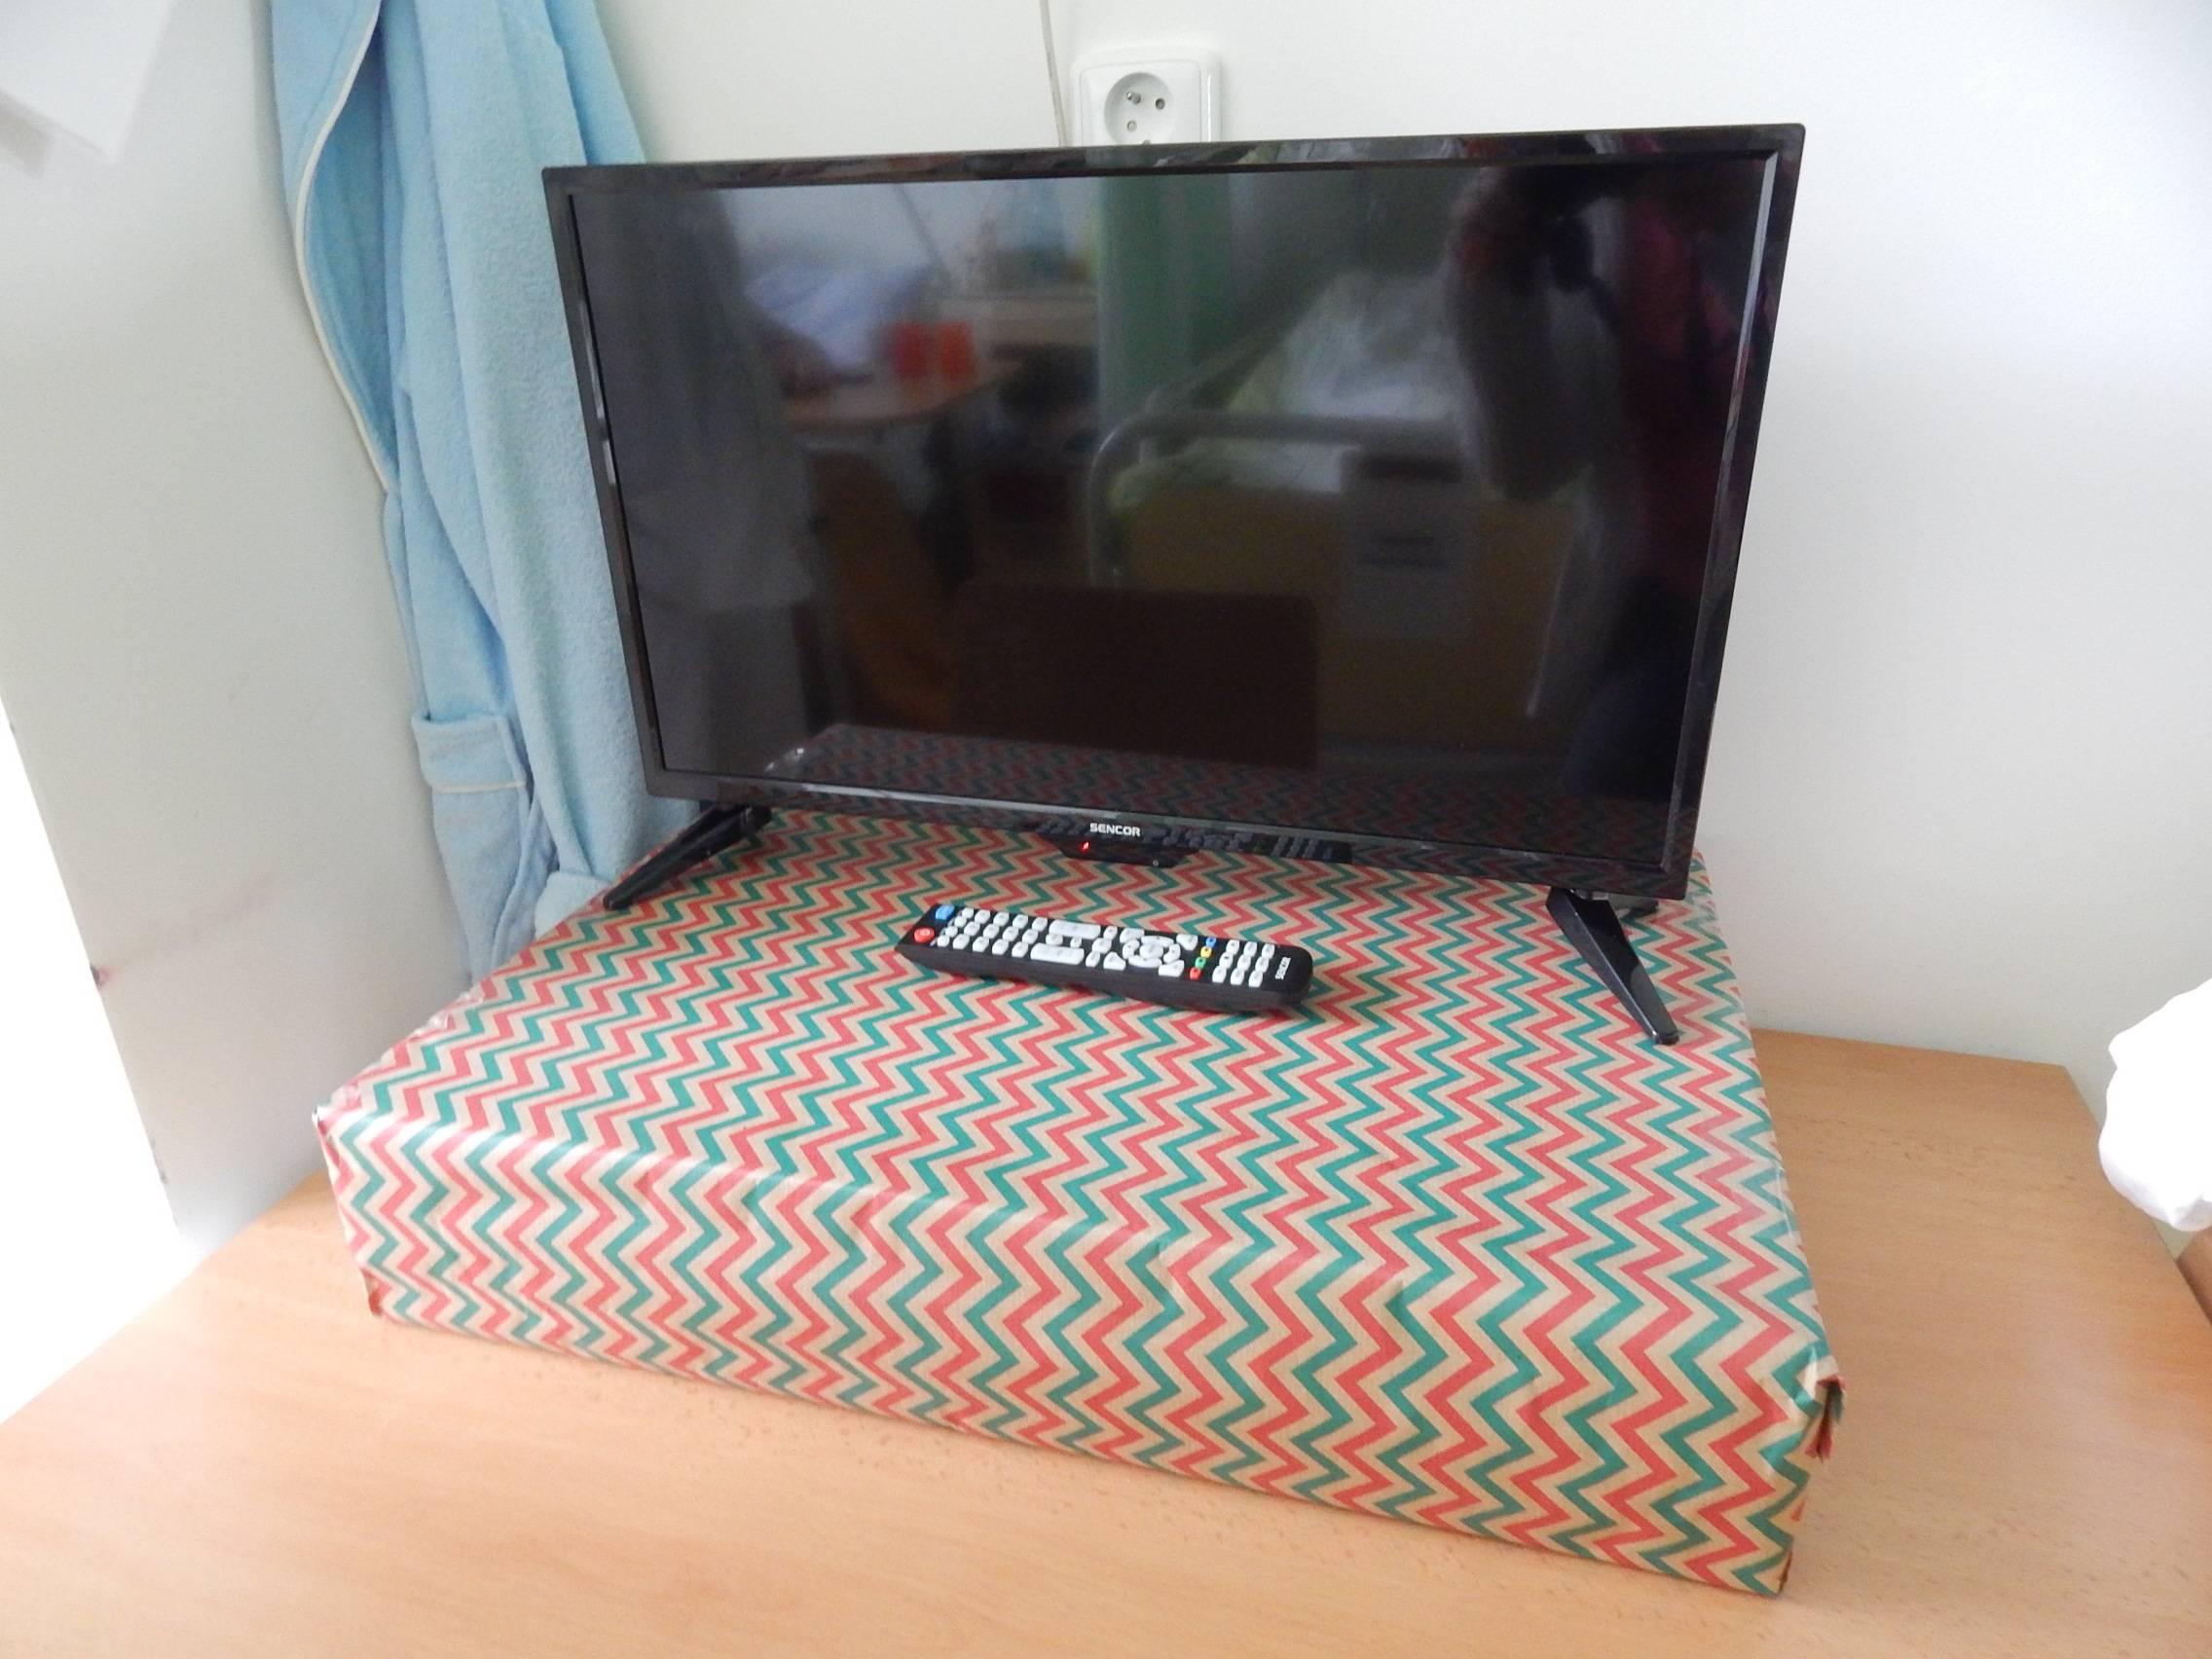 Televizor zakoupení z finančního příspěvku Nadačního fondu rozvoje města Jindřichův Hradec